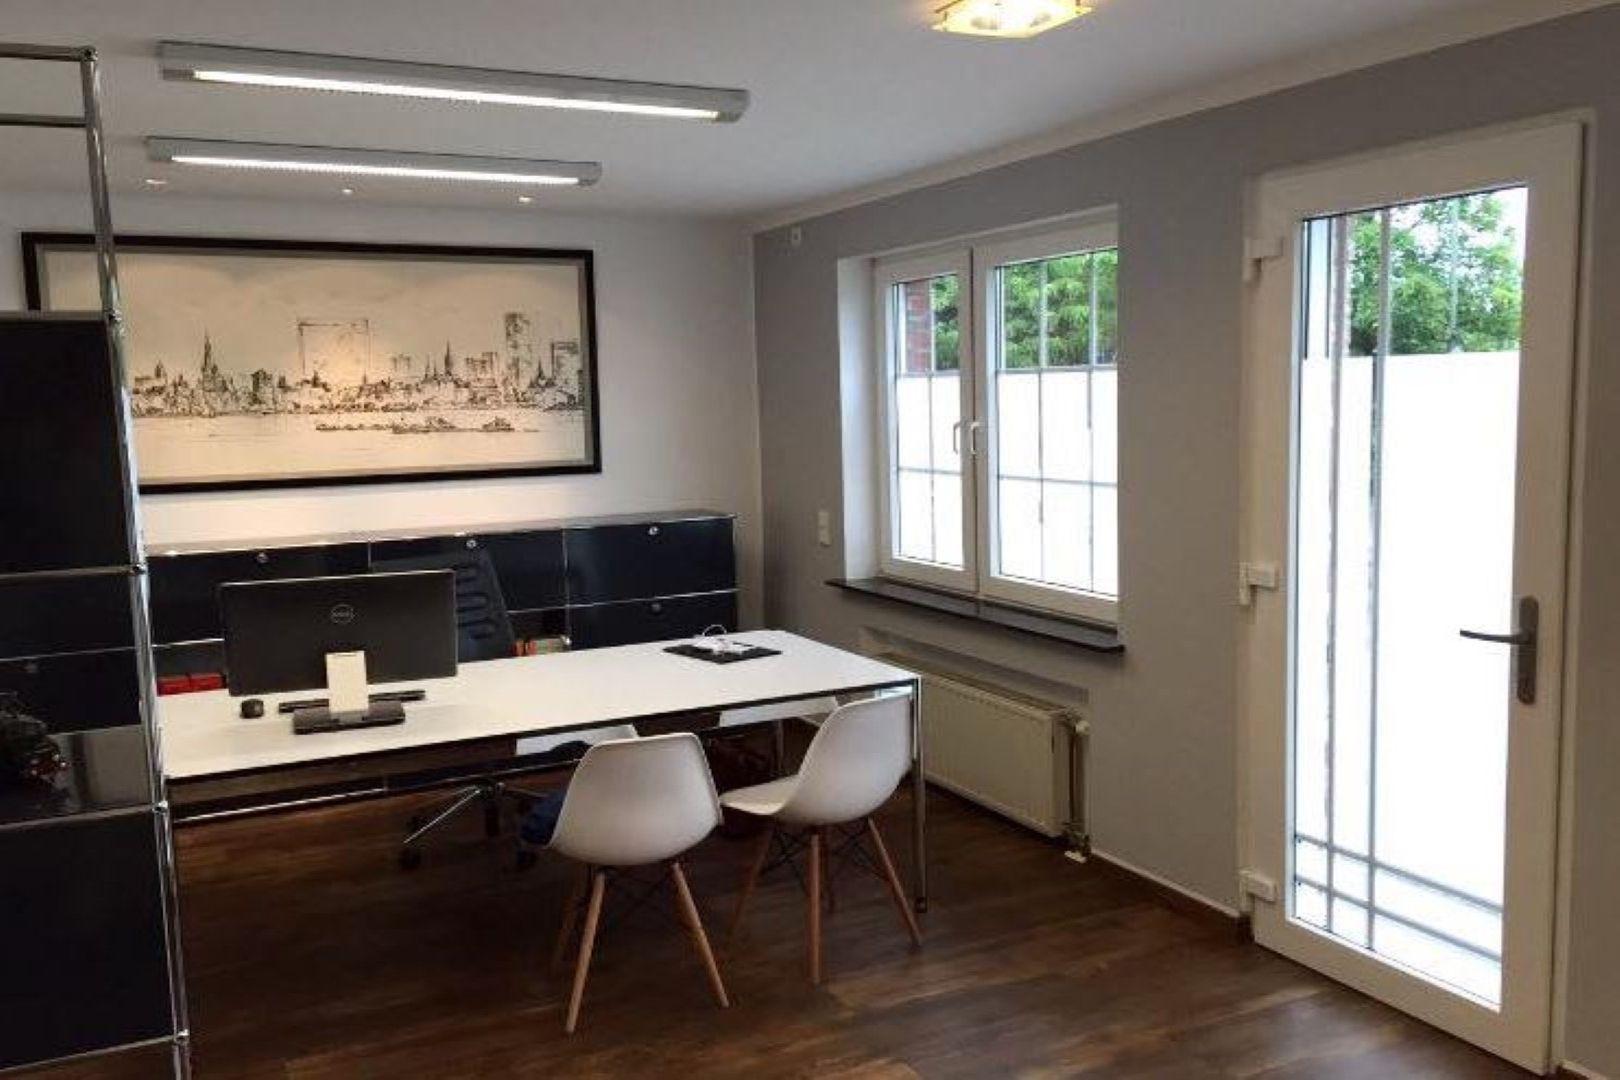 Immobilie Nr.0289 - Bürofläche im Erdgeschoss mit zwei Räumen  - Bild 4.jpg